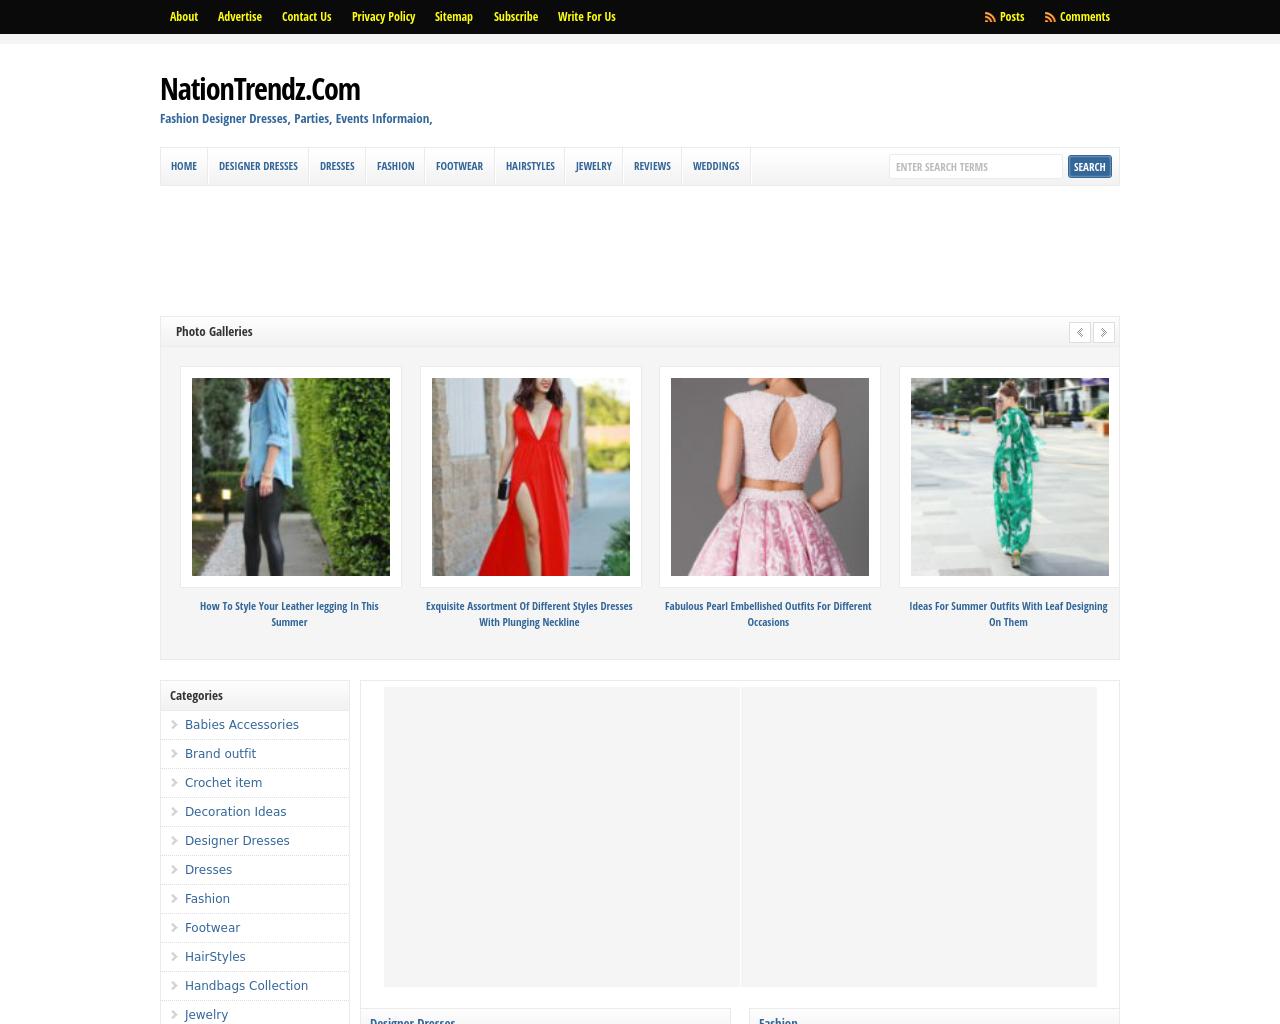 NationTrendz.Com-Advertising-Reviews-Pricing